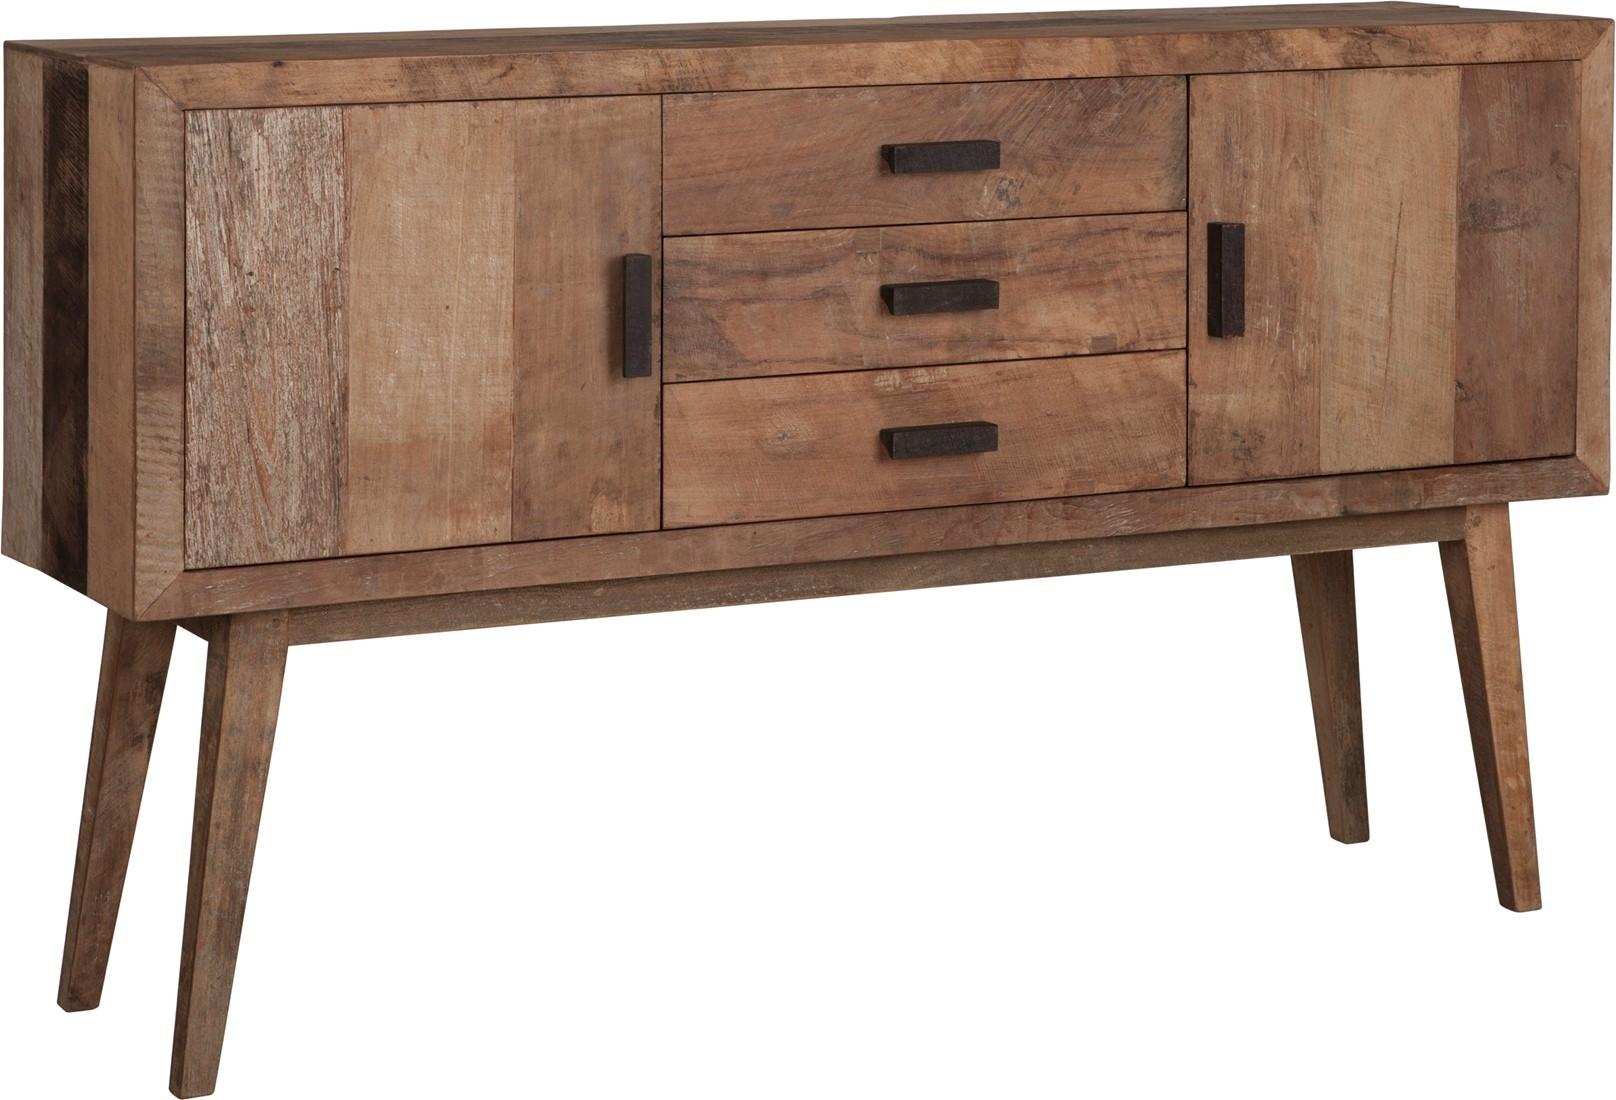 Sideboard Vintage, 2 Doors, 3 Drawers Regarding Most Popular Natural Oak Wood 2 Door Sideboards (View 18 of 20)